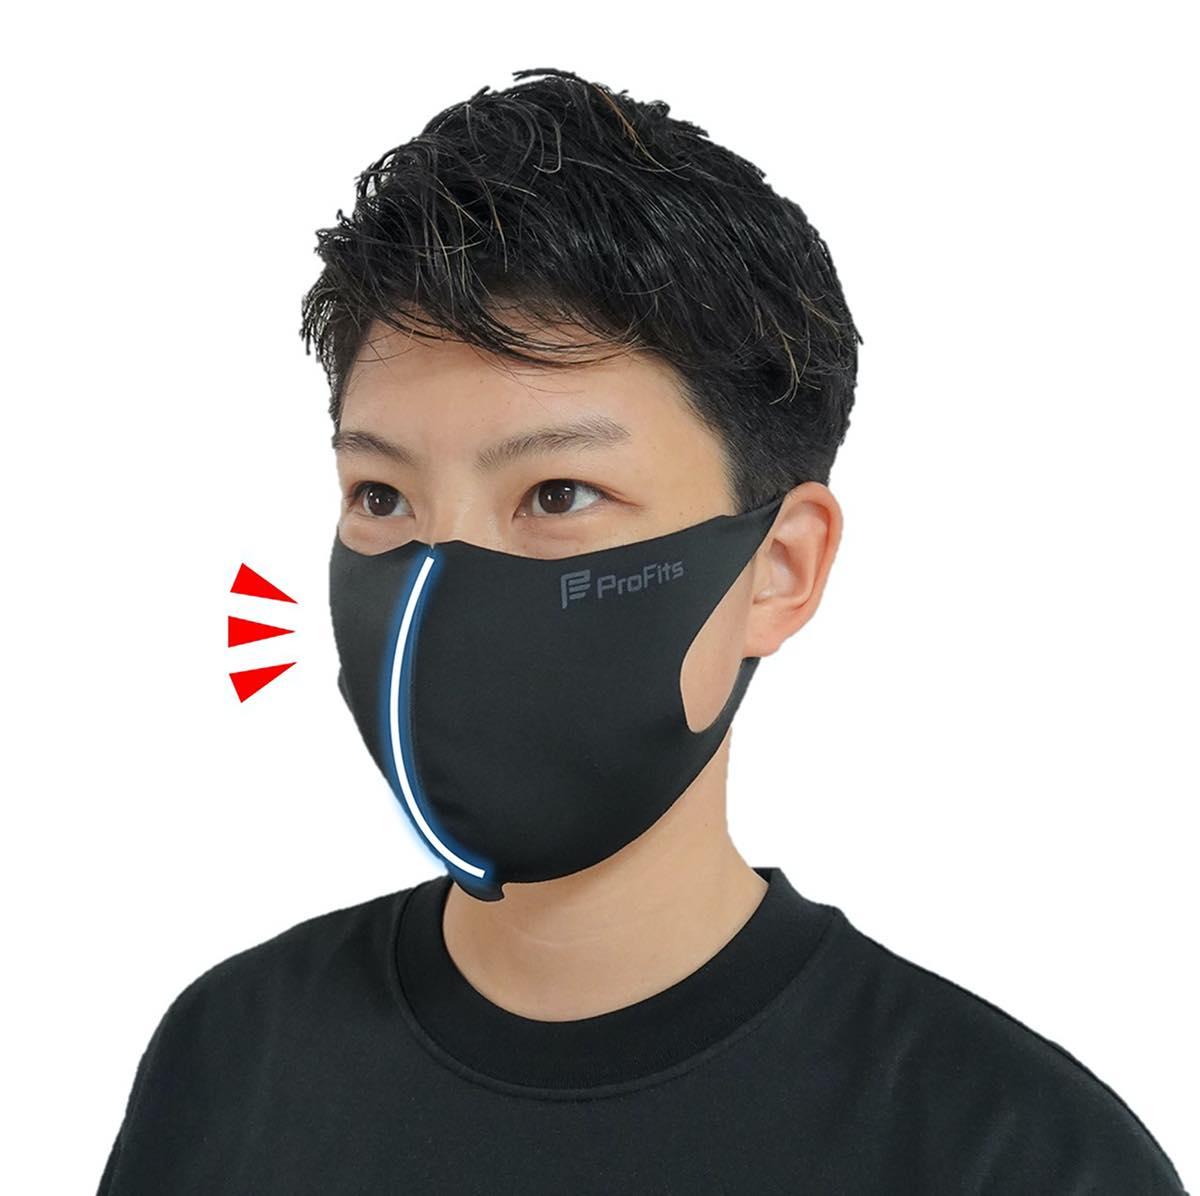 マスク ランニング おすすめスポーツマスク15選を紹介|ランニングなどの運動時に!